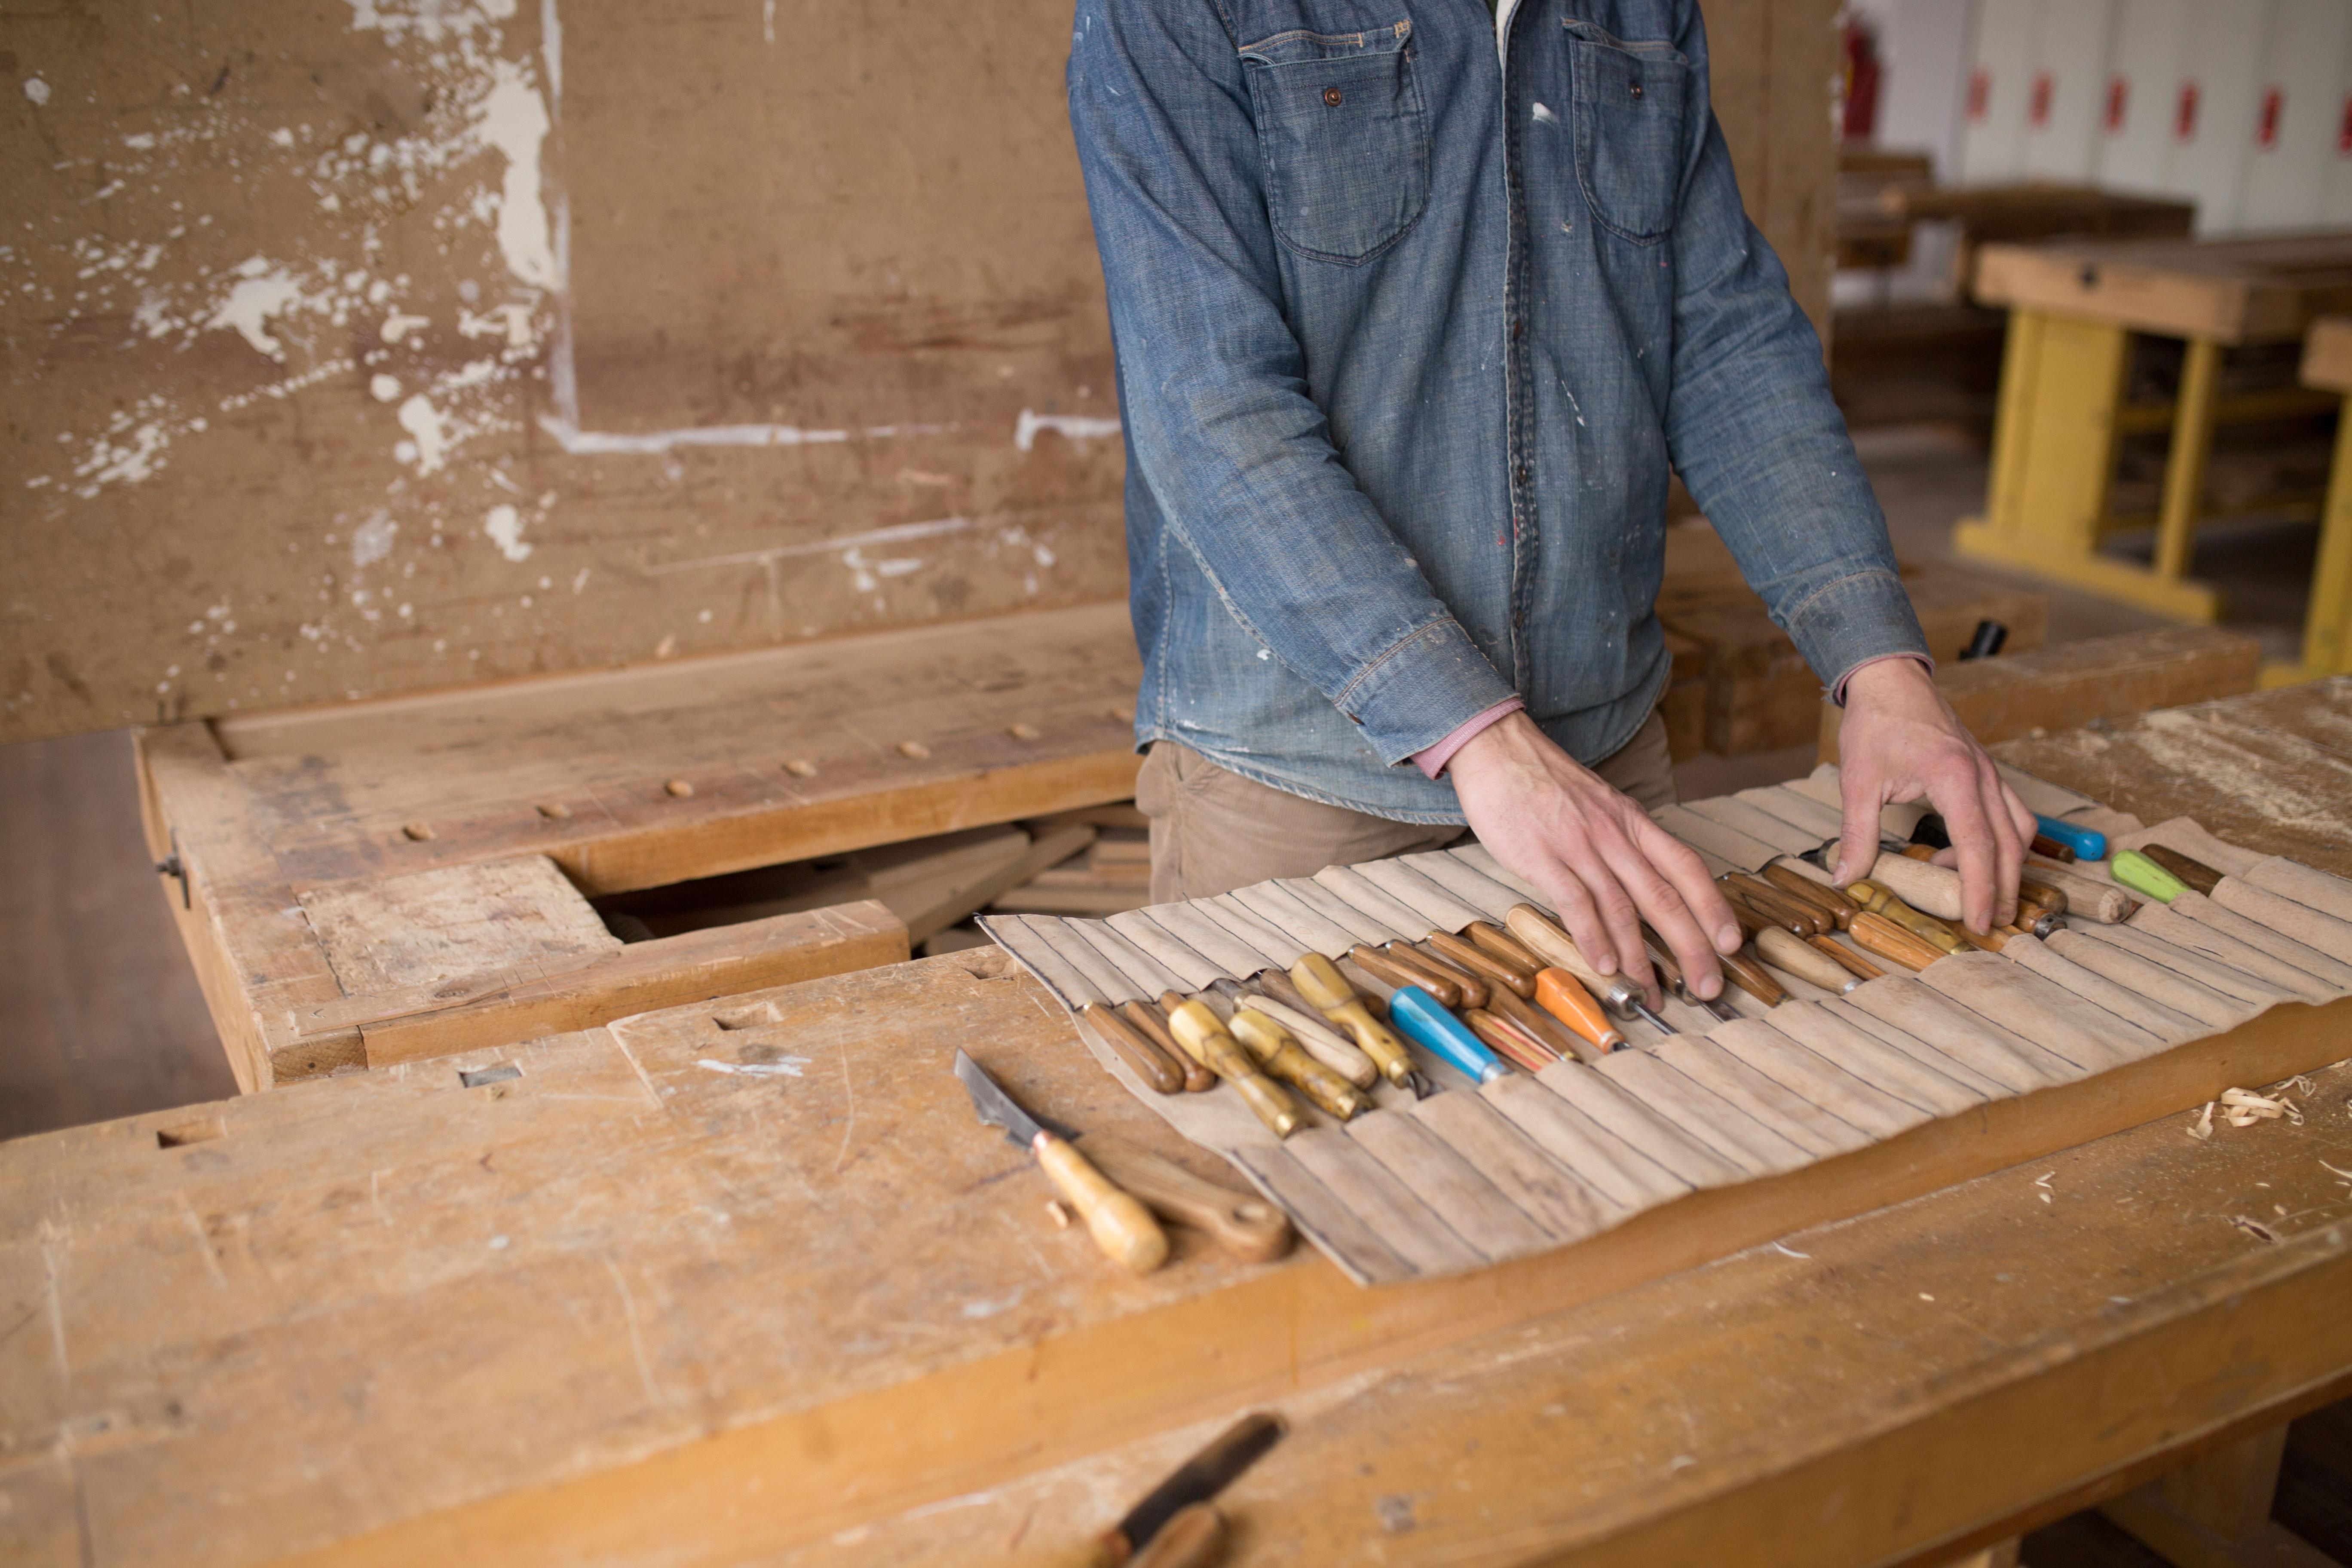 Carpenter Organizzare i suoi strumenti